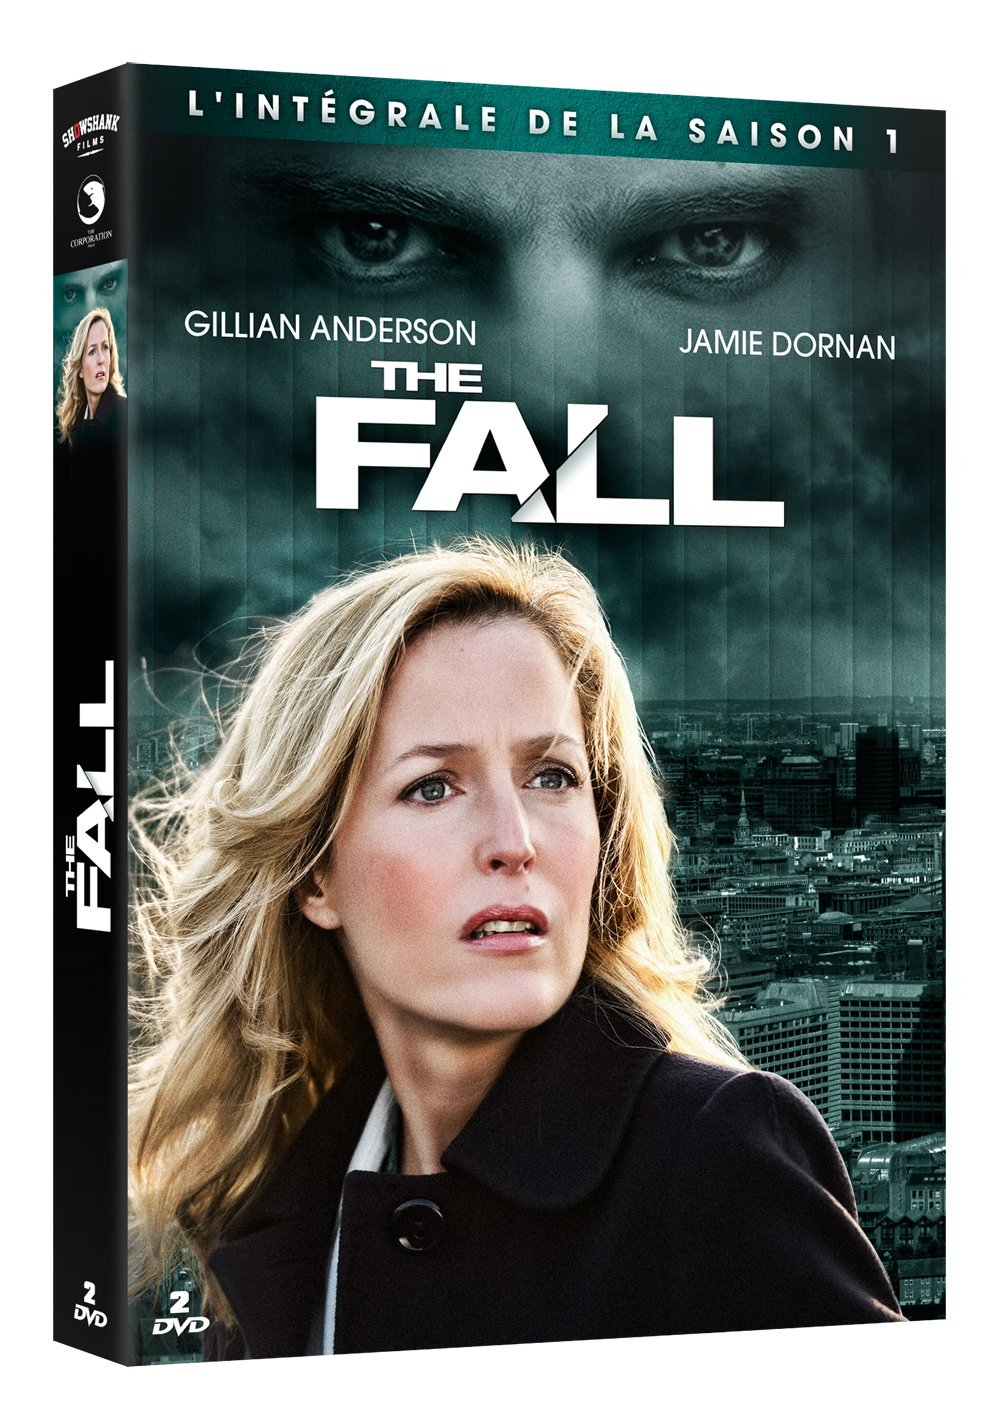 The Fall: un nouveau drama très noir avec Gillian Anderson - Page 2 81yKsPq4oVL._SL1428_